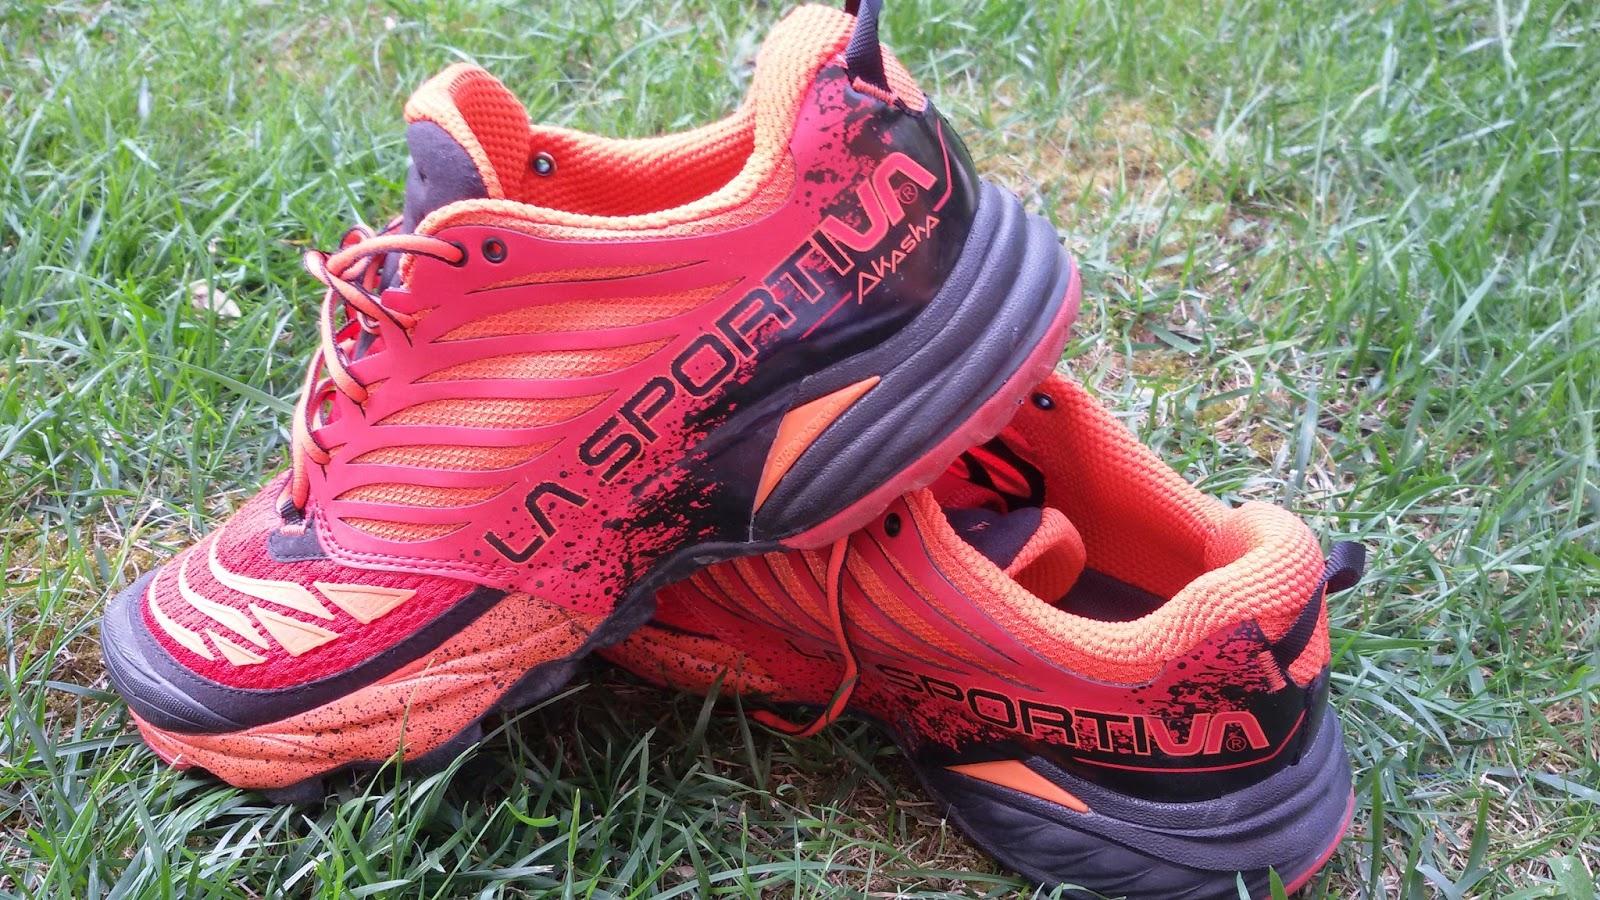 Sportiva Le La Trail Voi Provate Per Scarpe Da Migliori Running 4qXr4YU